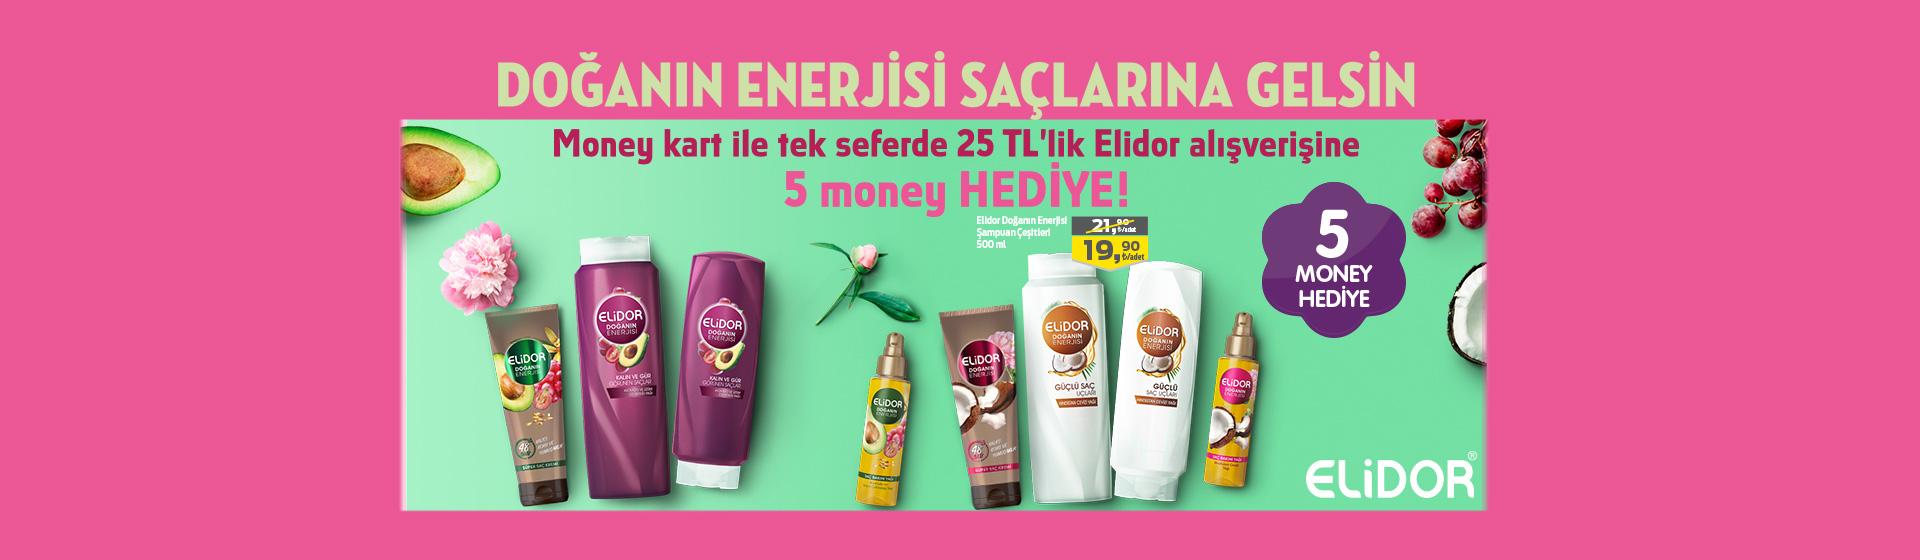 Elidor Money Kampanyası